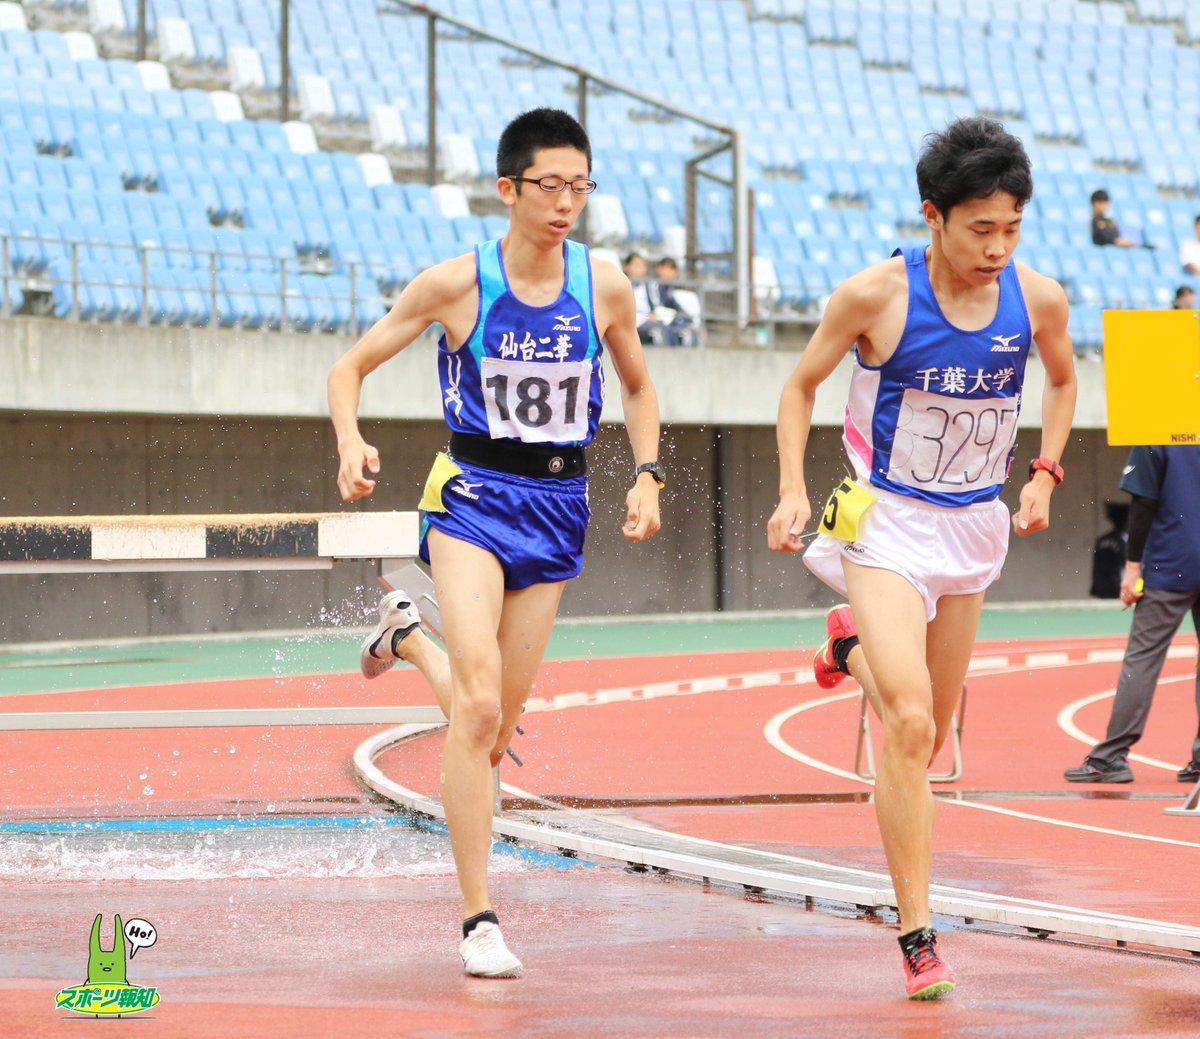 #陸上 宮城県選手権 #男子3000m障害  #小原響(#仙台二華高)が8分51秒42と、日本人高校生歴代9位の快記録。 2000m過ぎからスパート、自己記録を約15秒短縮しました。 高校日本記録保持者の #三浦龍司(#洛南高)にどこまで迫れるか楽しみです。 「インターハイ上位入賞に向けいい流れを作れた」